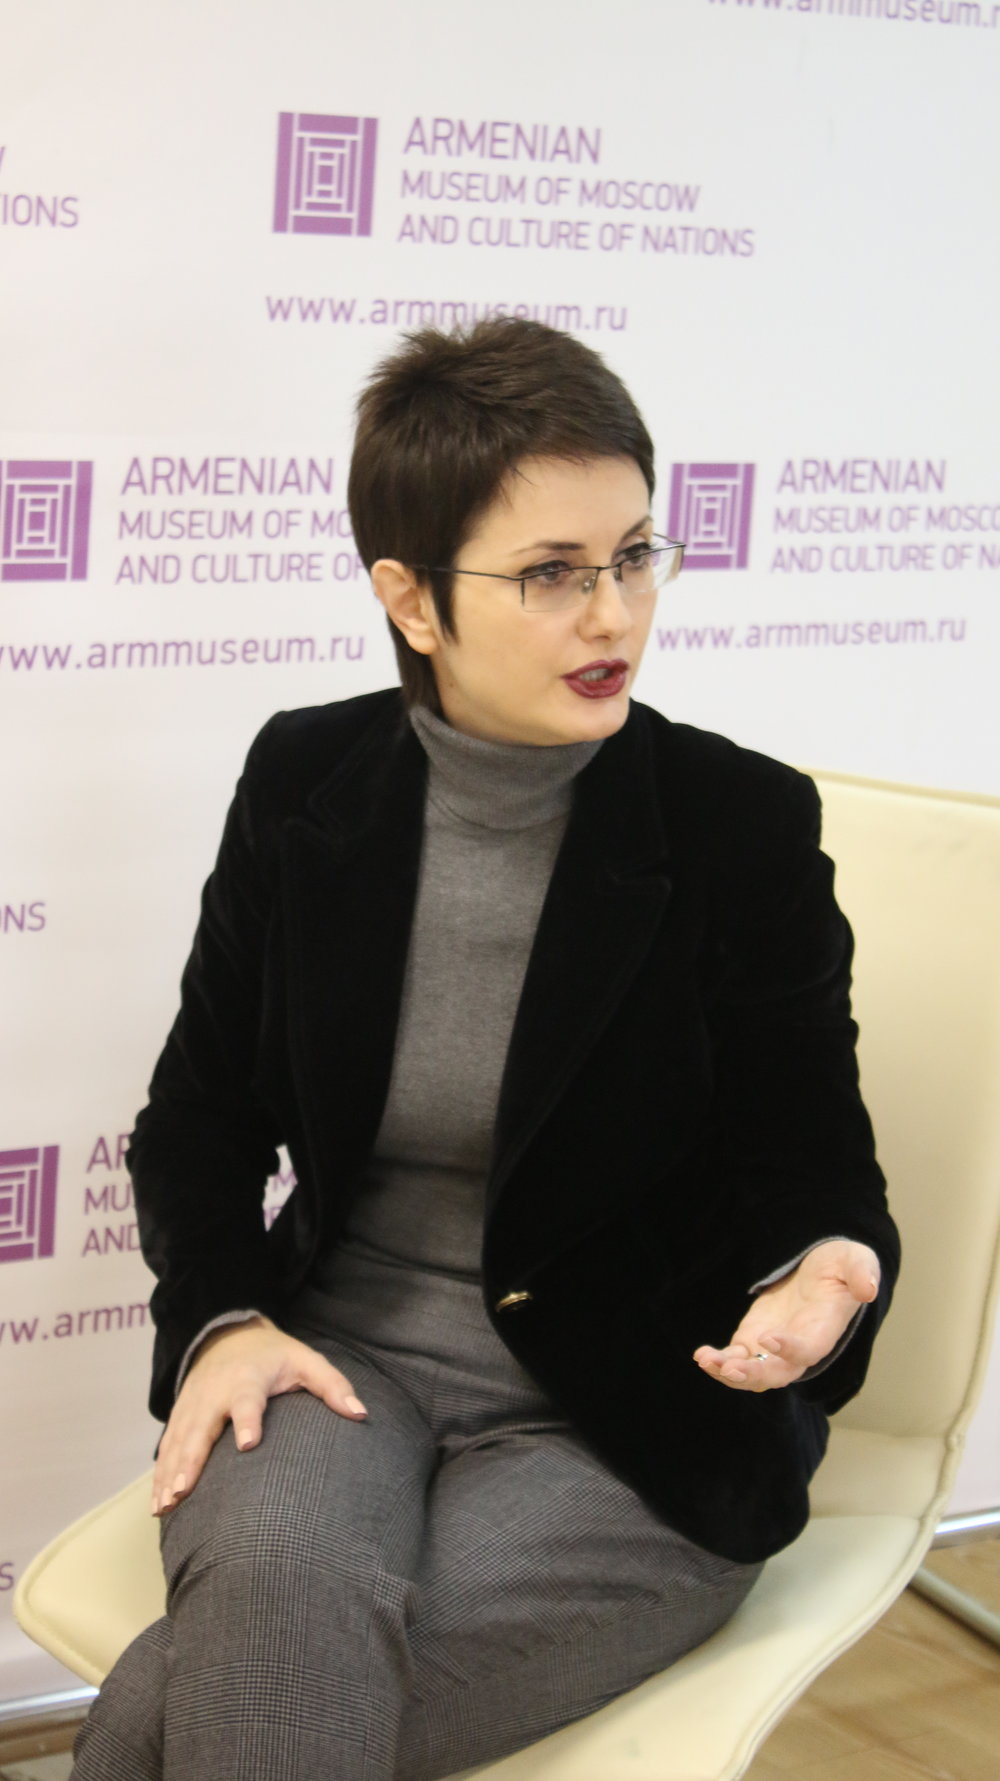 Гость Армянского музея Москвы -заместитель главного редактора Общественного армянского радио - Лика Туманян